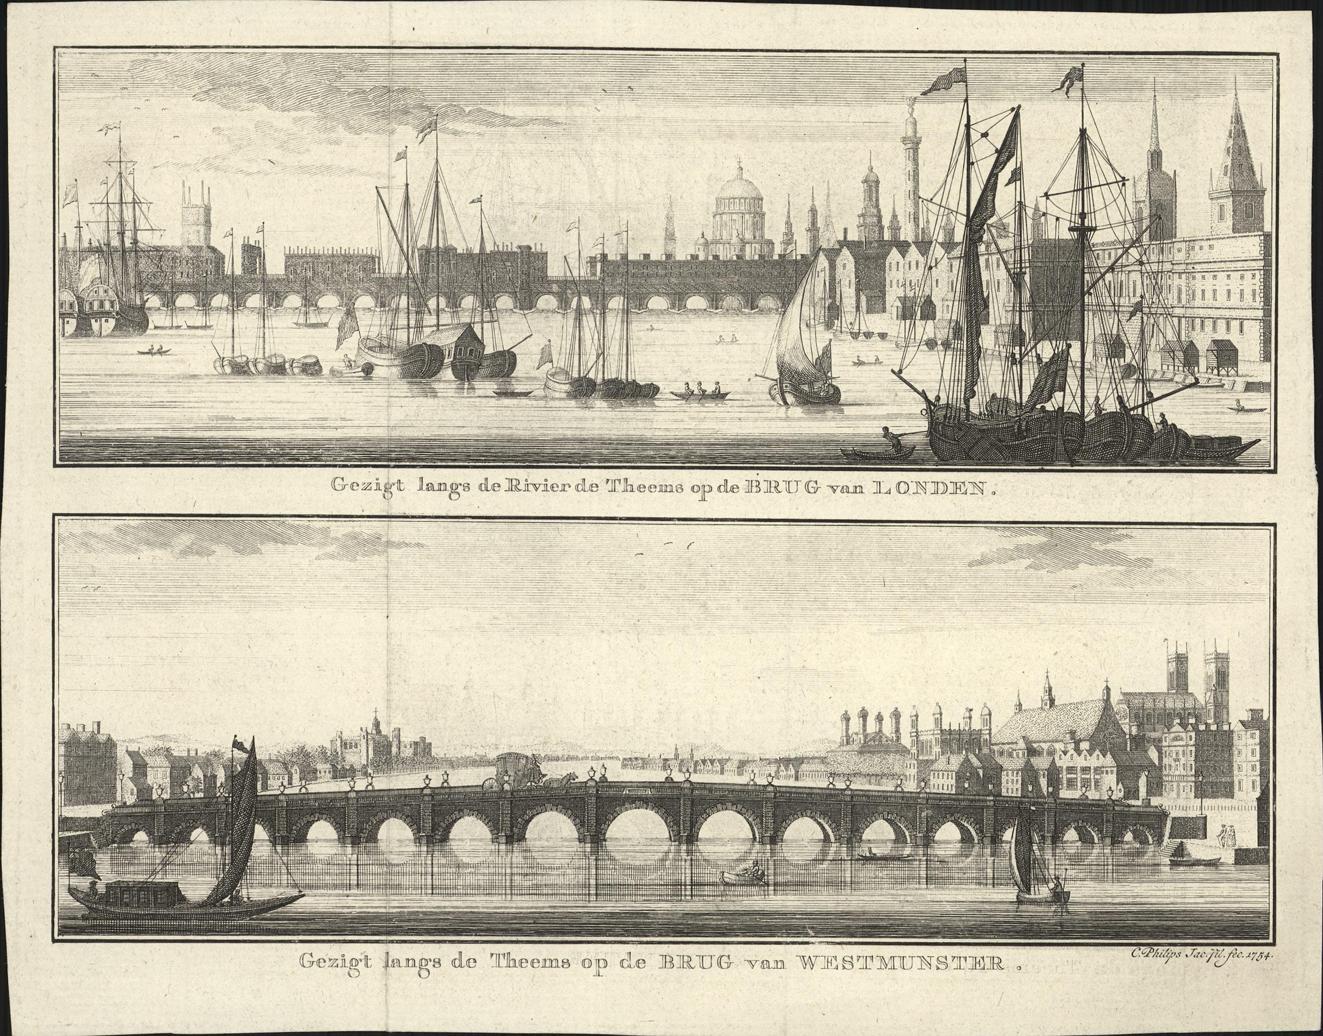 Gezigt langs de Rivier de Theems op de brug van Londen